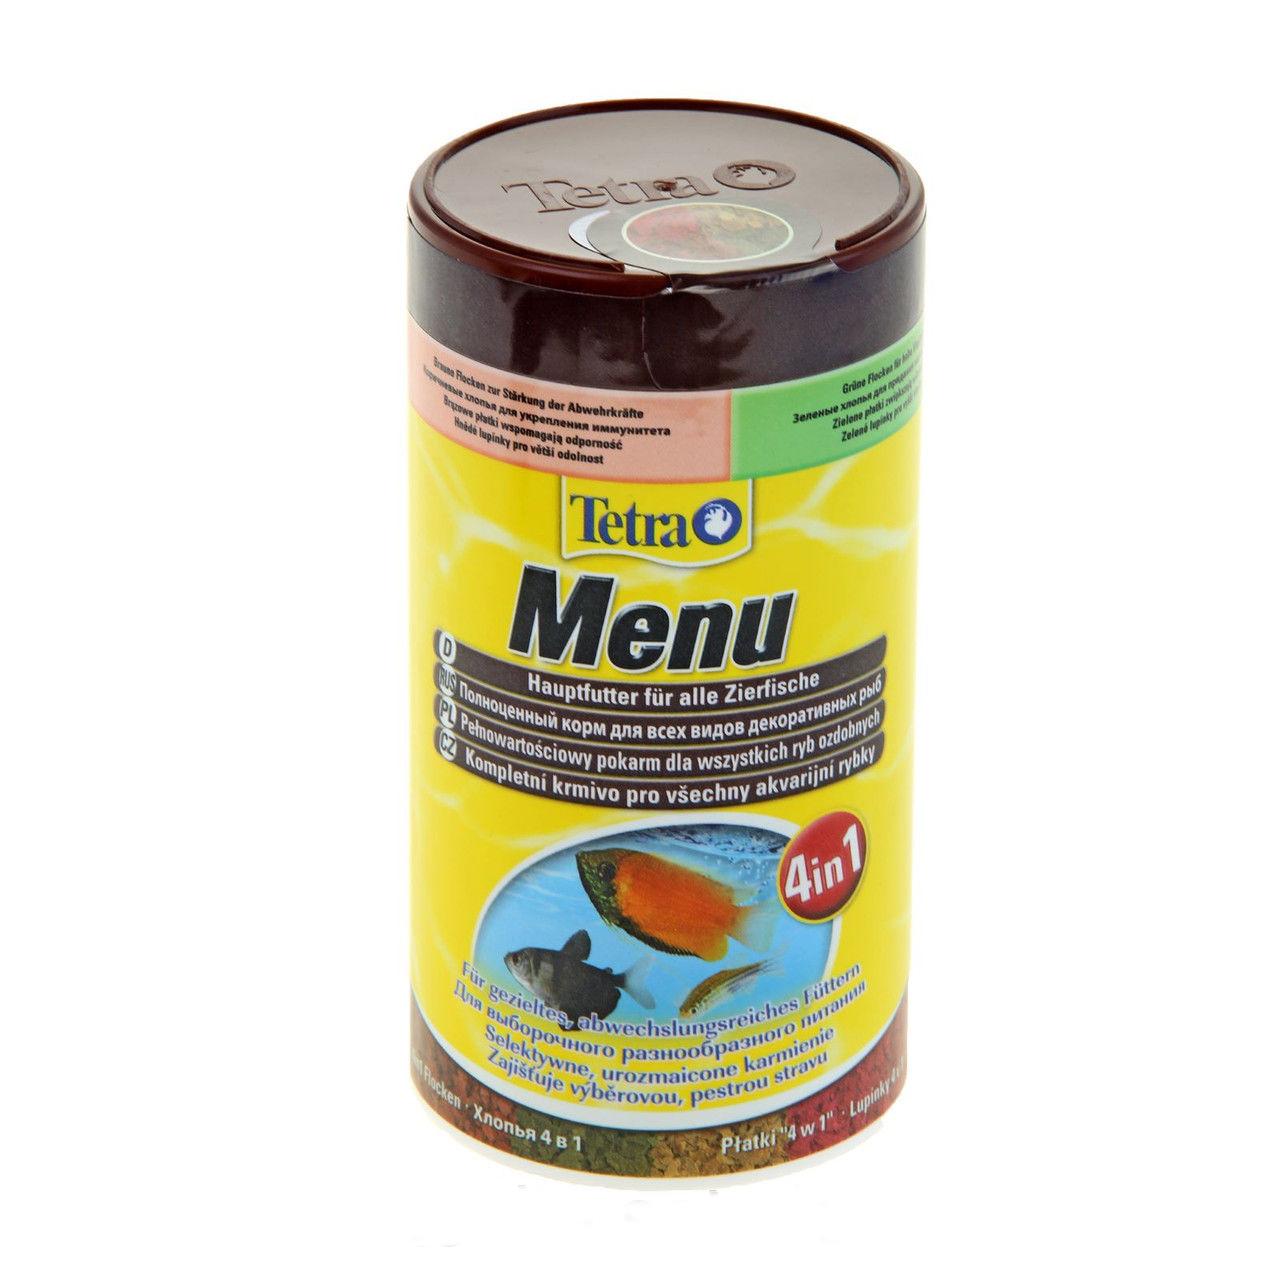 Корм Tetra Menu для всех видов декоративных рыб, 4 вида хлопьев, 250 мл (64 г)767393Корм Tetra Menu предназначен для всех видов декоративных рыб. Это полноценный корм для выборочного кормления, соответствующего потребности рыб. В одной упаковке содержится 4 вида хлопьев: - желтые хлопья с оптимальным соотношением протеинов и жиров для здорового роста, - красные хлопья с усилителями естественного цвета для улучшения окраски, - коричневые хлопья со специальным комплексом витаминов для укрепления иммунитета, - зеленые хлопья с необходимыми растительными питательными веществами для поддержки жизненных сил. Тщательно отобранные специальные хлопья с витаминами, минералами и микроэлементами для разнообразного и сбалансированного питания. Ежедневное кормление позволяет отрегулировать рост питомцев, обеспечить им жизнестойкость и плодовитость. Кормить рыбок нужно 2-3 раза ежедневно маленькими порциями. Состав: рыба и побочные рыбные продукты, зерновые культуры, дрожжи, экстракты растительного белка, моллюски и раки, водоросли, масла и жиры, сахар, минеральные вещества. Аналитические компоненты: сырой белок 47%, сырые масла и жиры 8%, сырая клетчатка 2%, влага 7%. Добавки: витамины, провитамины и химические вещества с аналогичным воздействием: витамин A 17000 МЕ/кг, витамин Д3 1060 МЕ/кг. Комбинации микроэлементов: Е5 марганец 72 мг/кг, Е6 цинк 43 мг/кг, Е1 железо 28 мг/кг, Е3 кобальт 0,5 мг/кг. Красители, антиоксиданты. Товар сертифицирован.